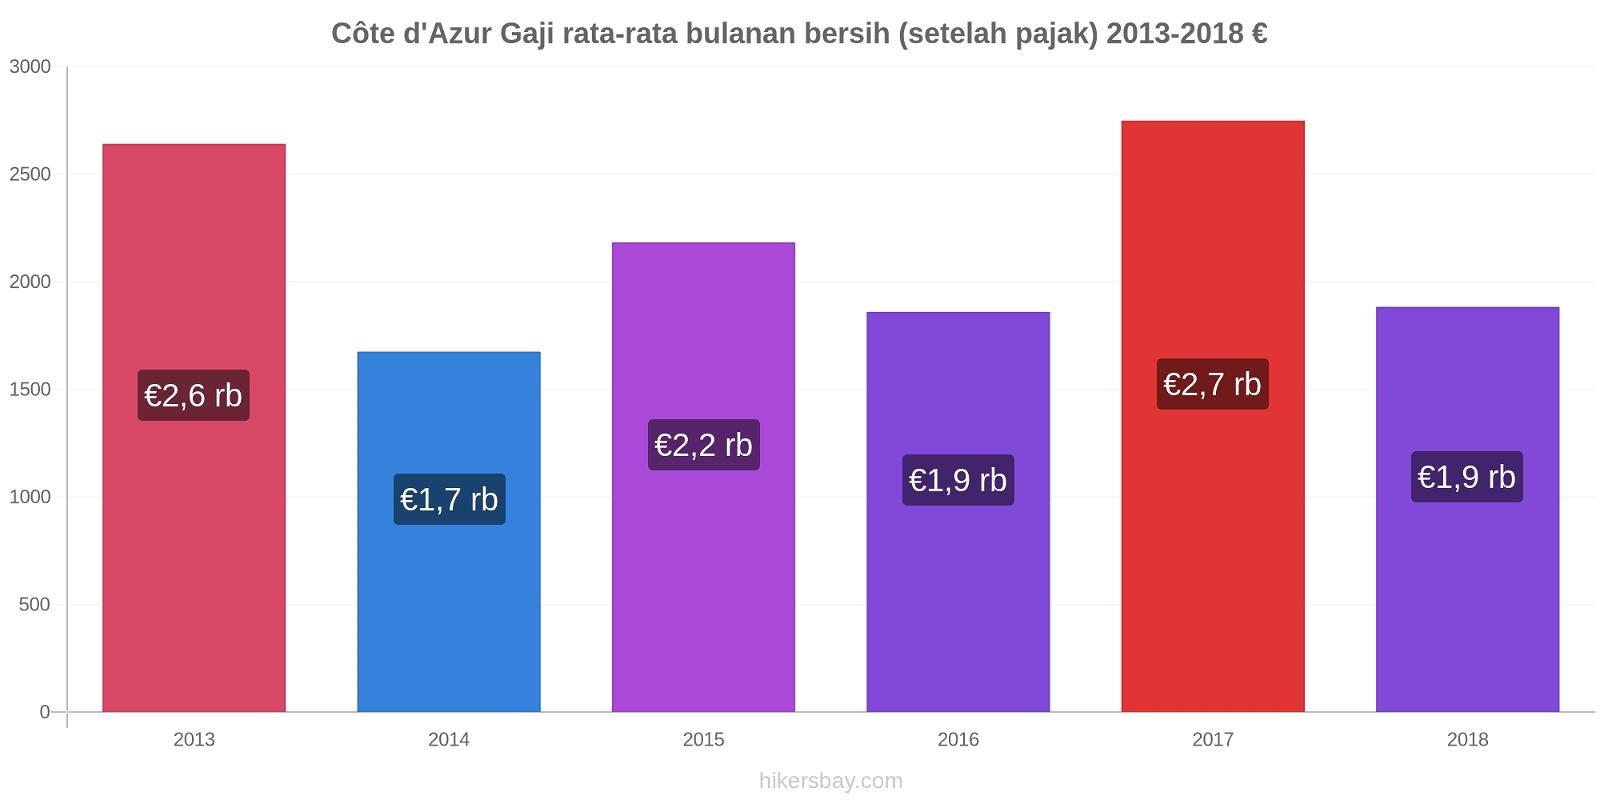 Côte d'Azur perubahan harga Gaji rata-rata bulanan bersih (setelah pajak) hikersbay.com